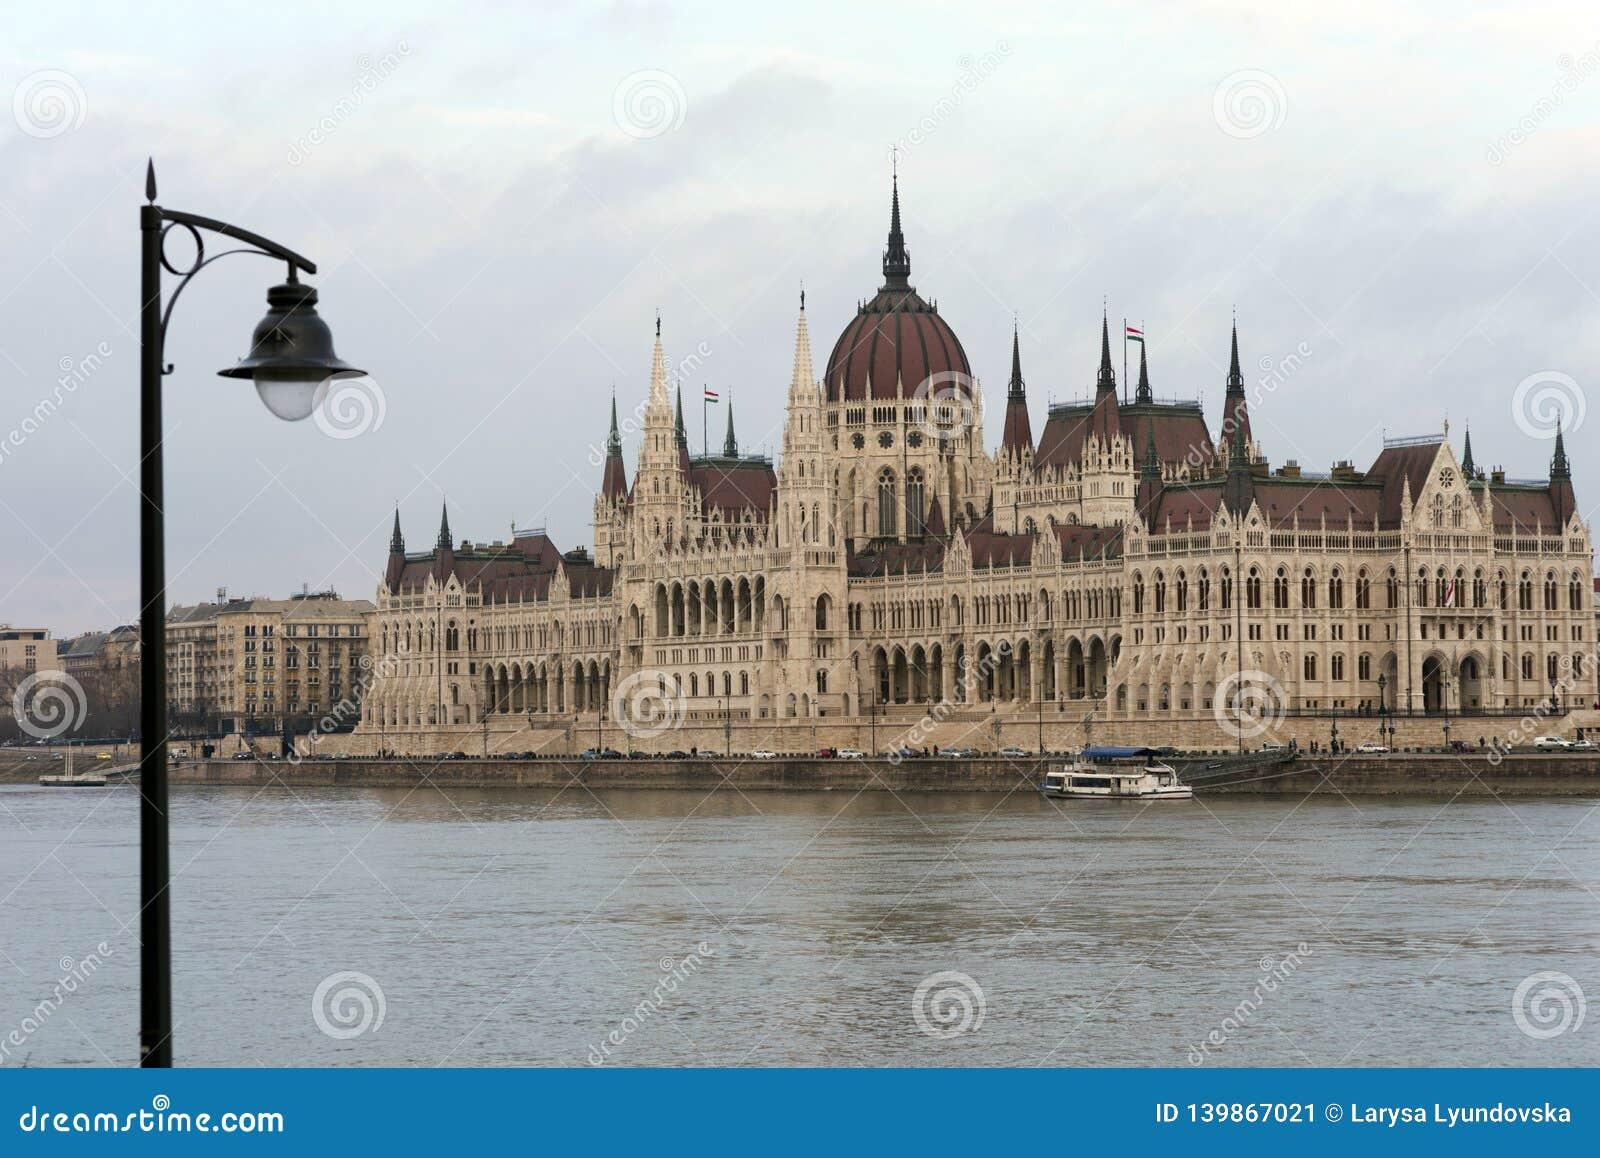 Να στηριχτεί του ουγγρικού Κοινοβουλίου στις τράπεζες του Δούναβη στη Βουδαπέστη είναι η κύρια έλξη του ουγγρικού κεφαλαίου